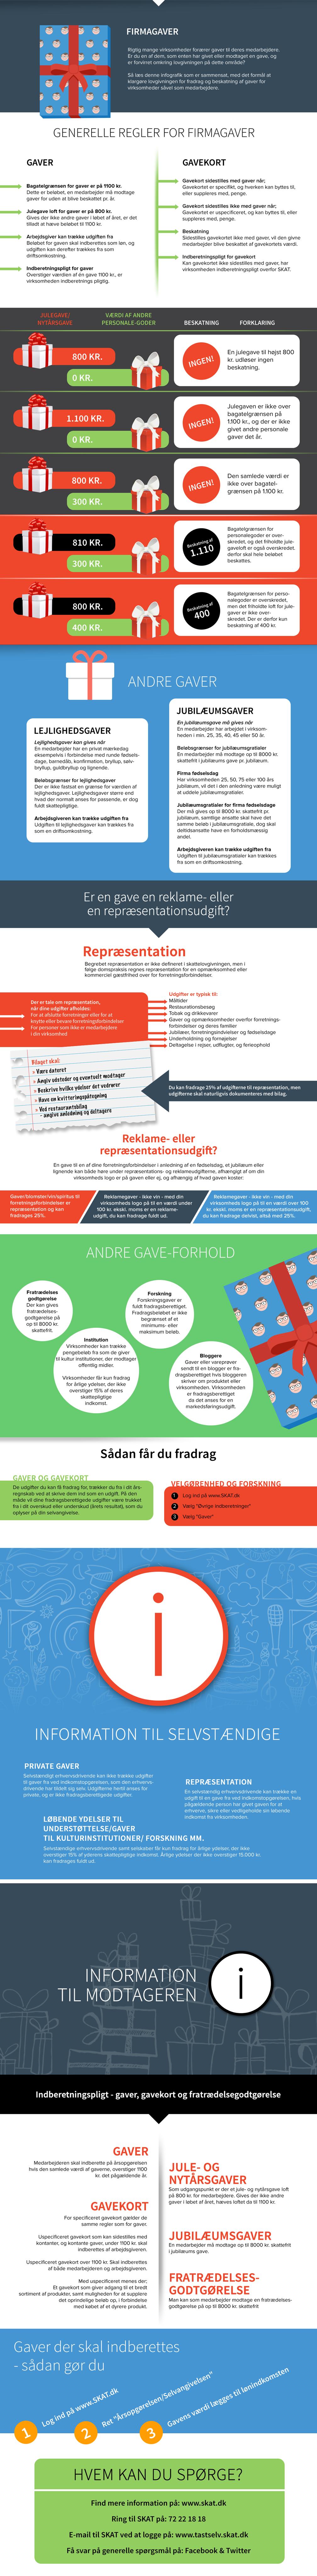 Infografik fradrag og beskatning af gaver